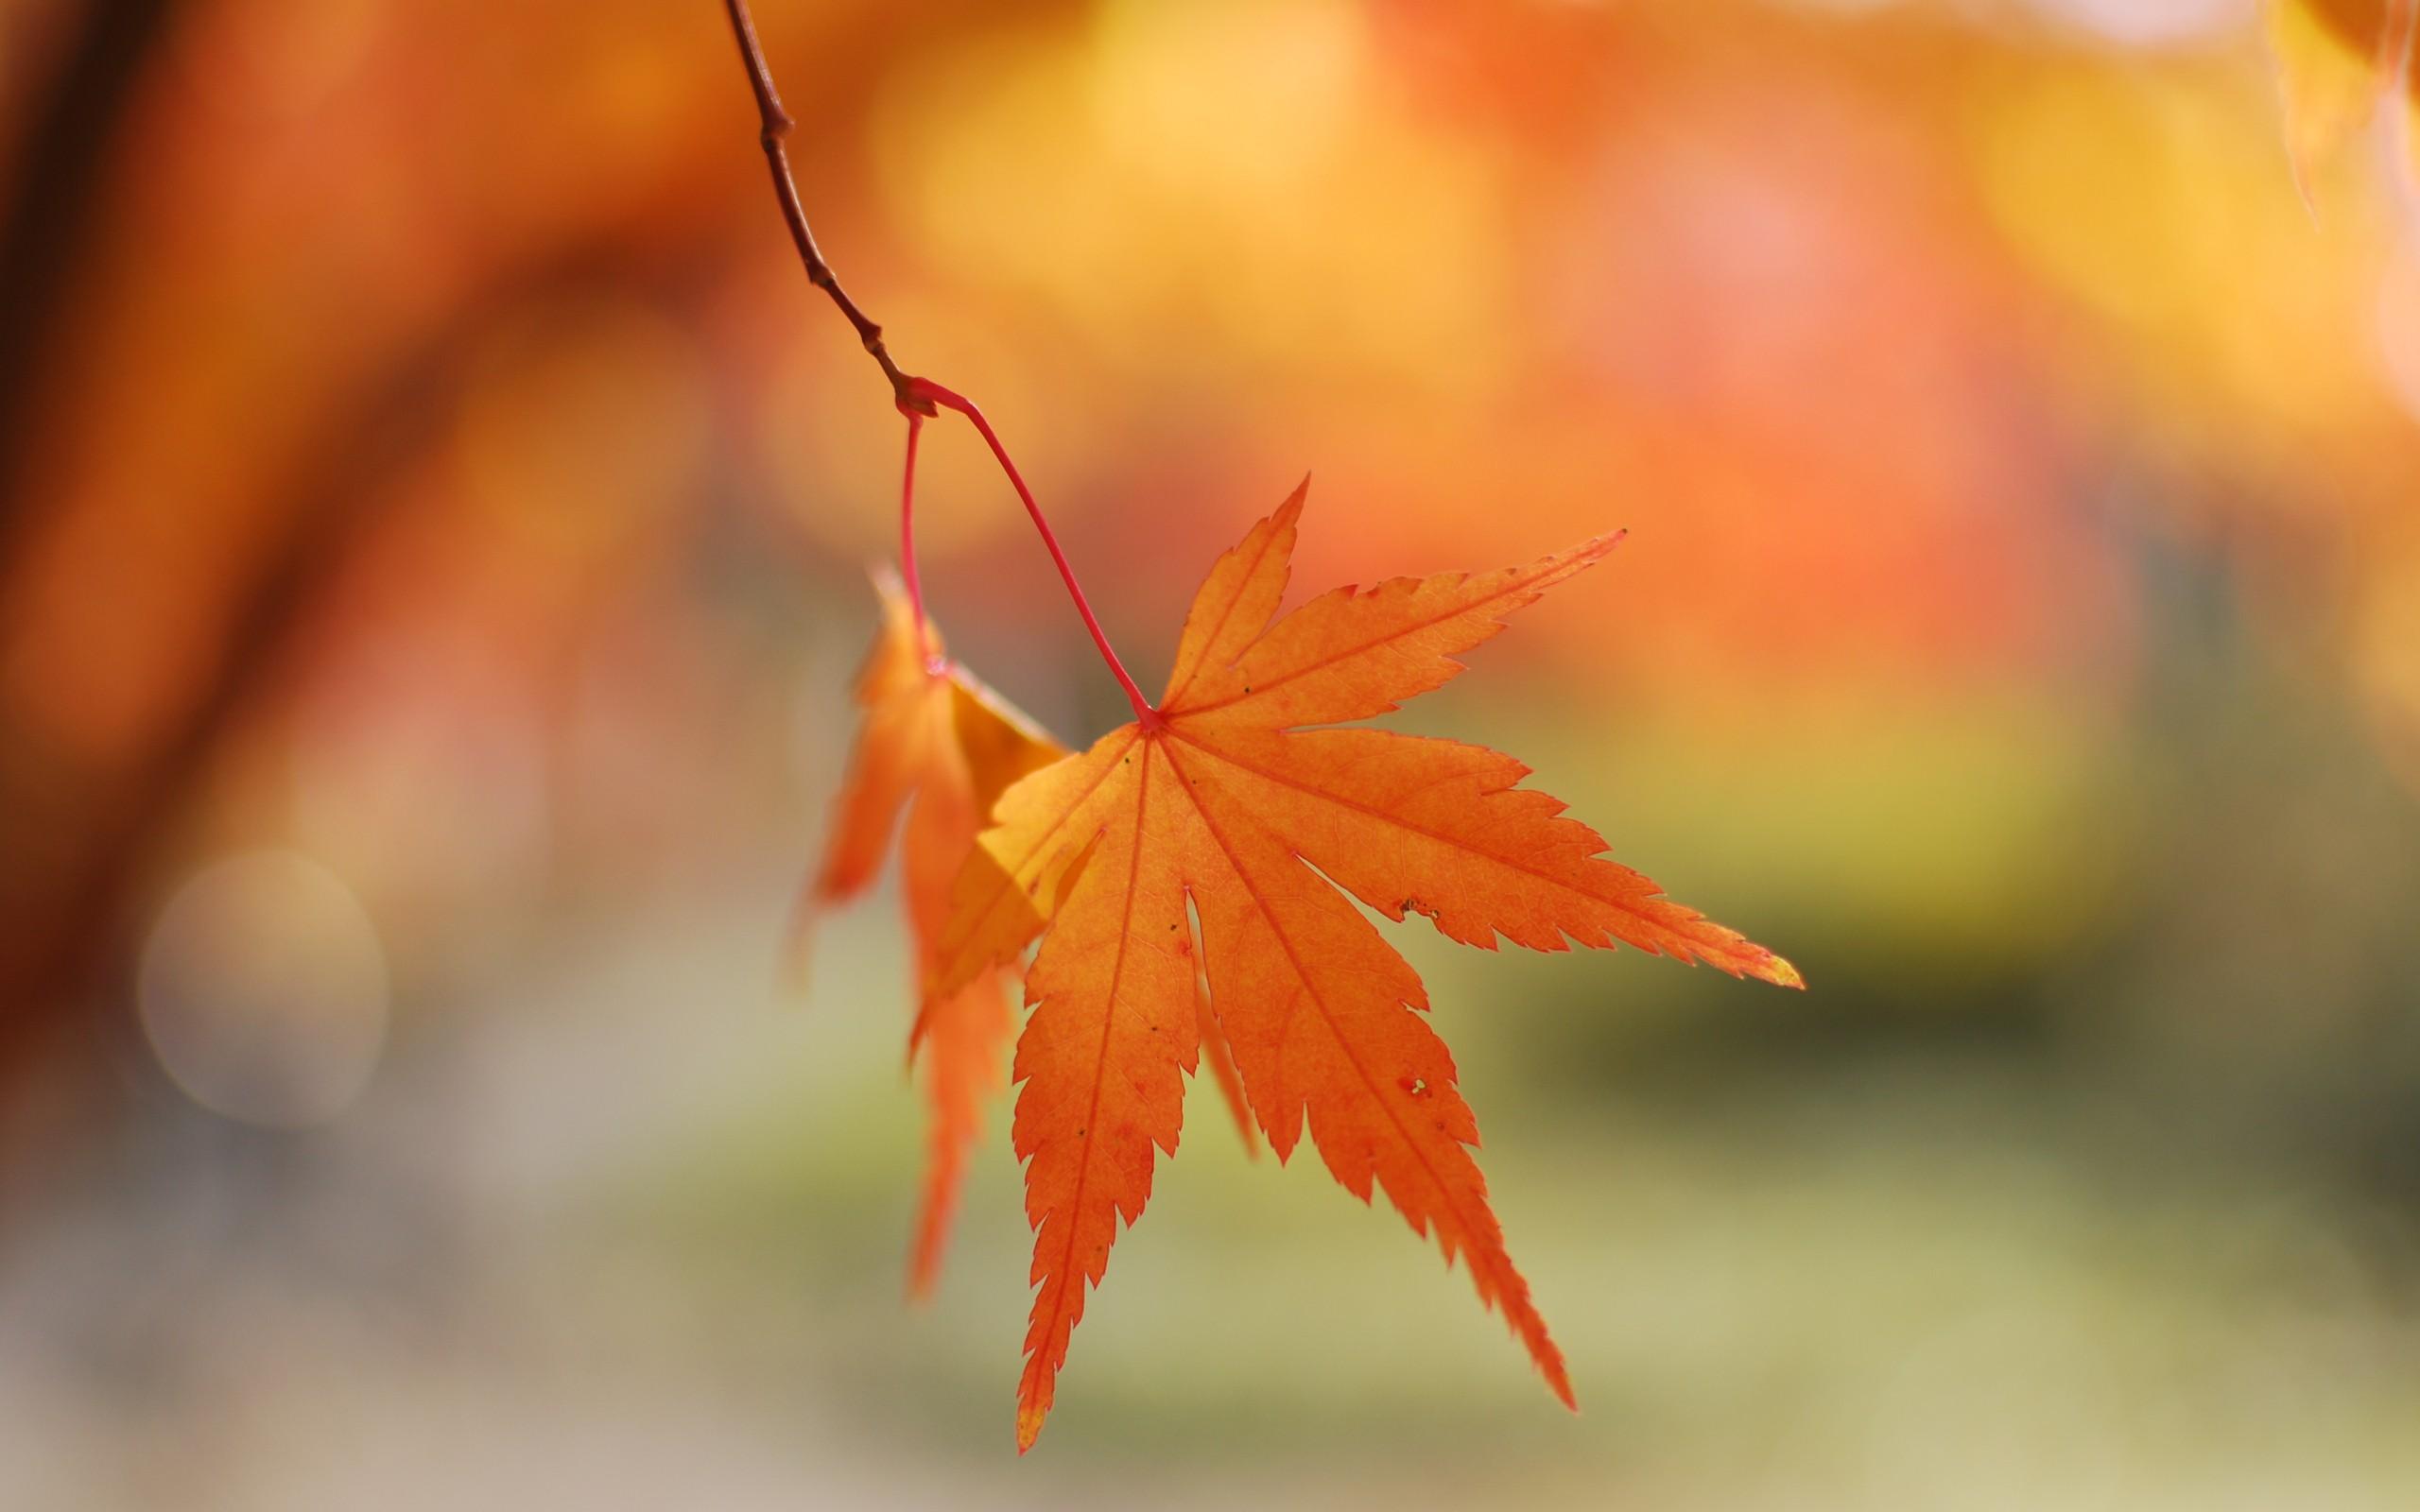 Las hojas en otoño - 2560x1600